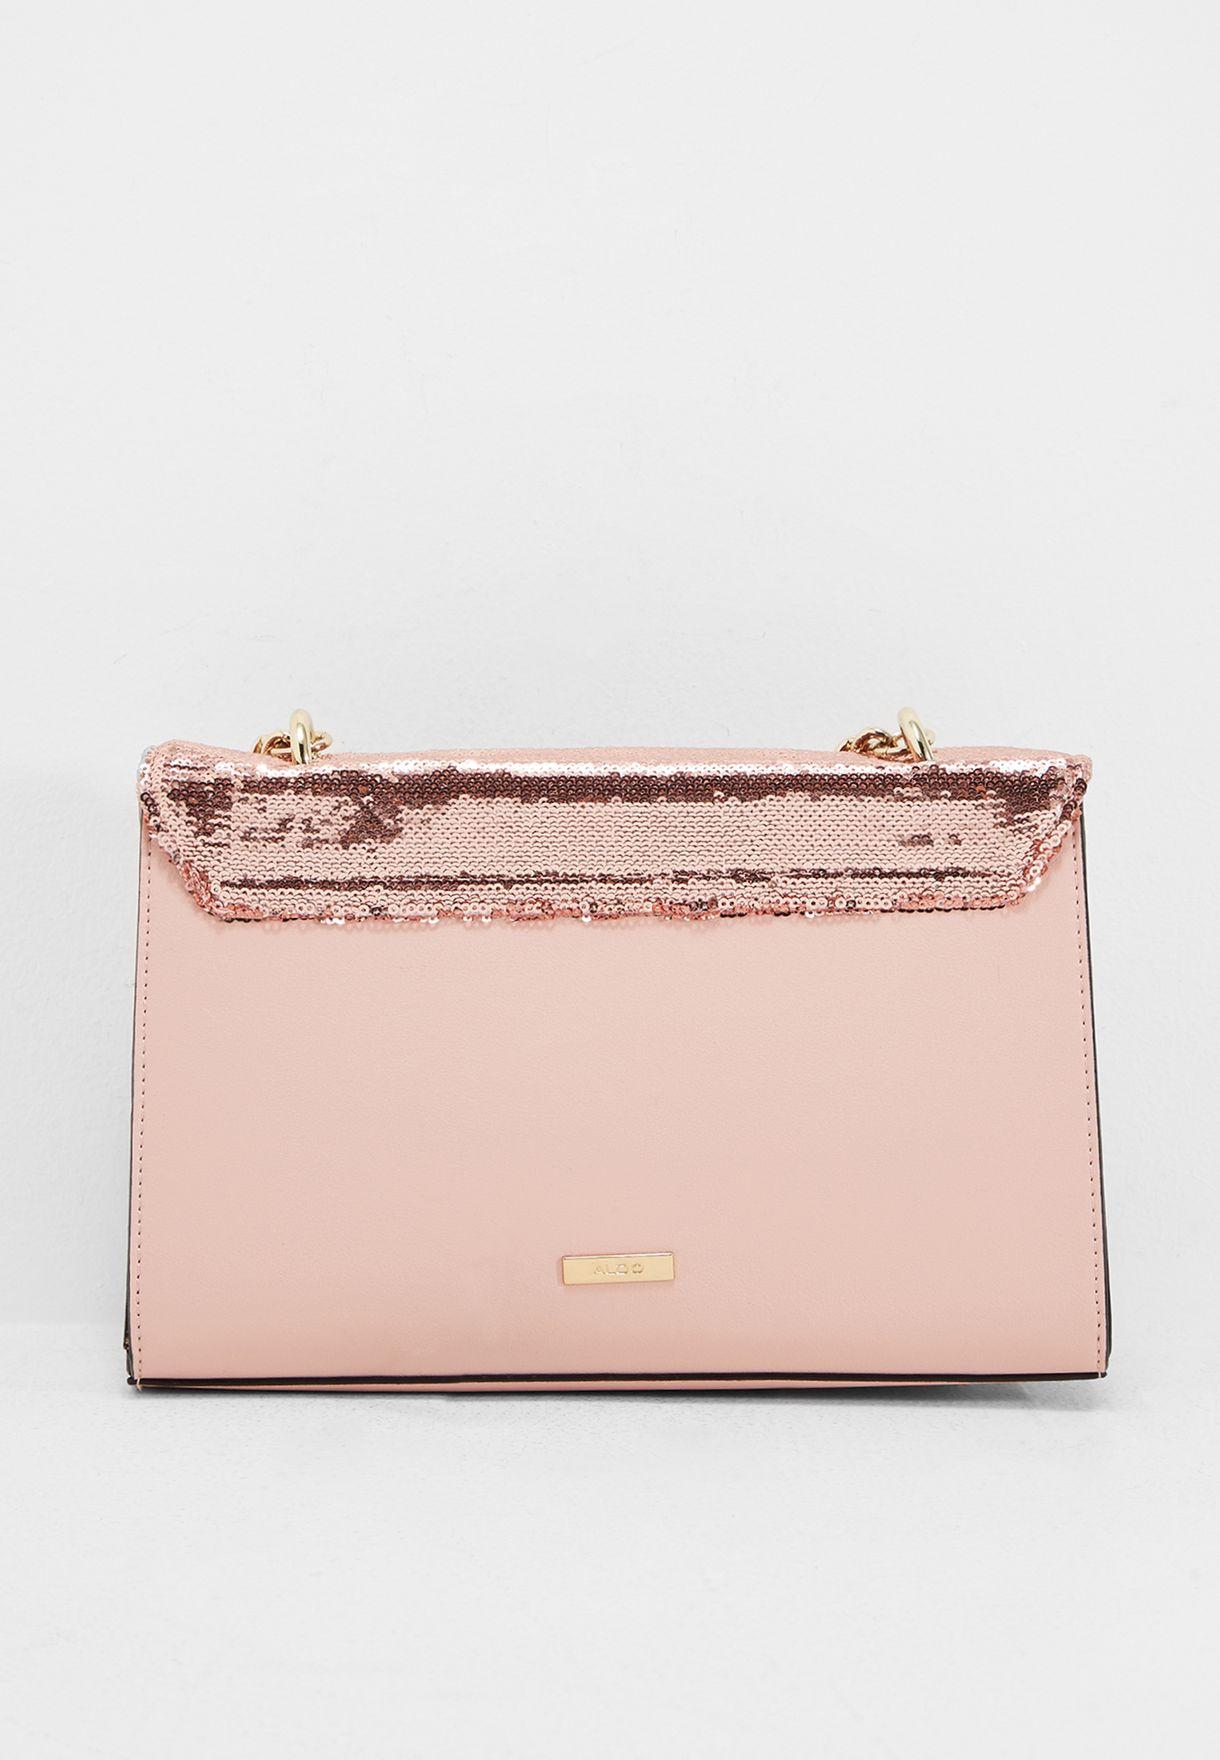 61c3896c9ca Shop Aldo pink Derosia Crossbody DEROSIA55 for Women in UAE ...